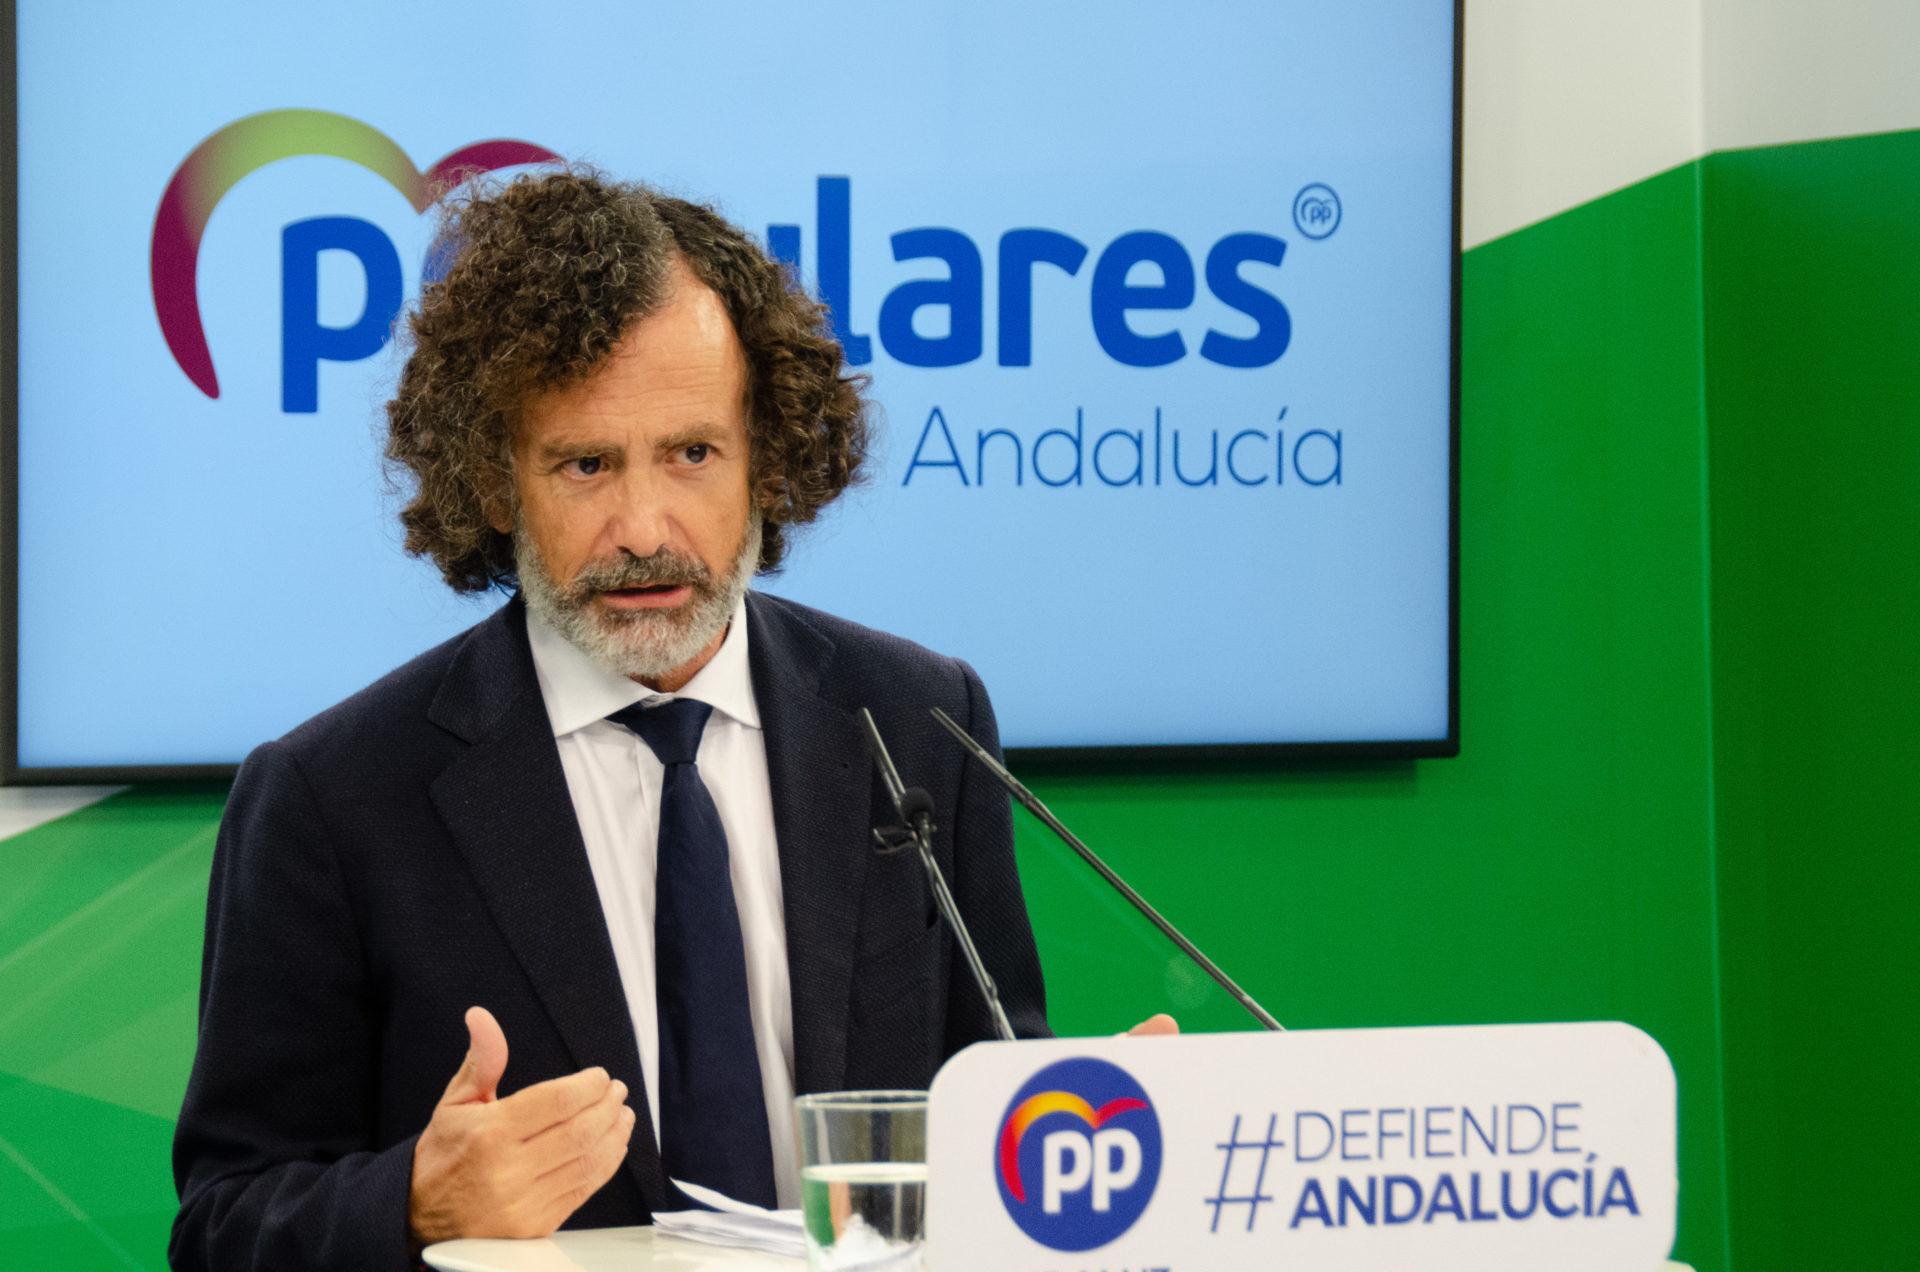 El PP andaluz reclama a Sánchez más financiación para la comunidad autónoma